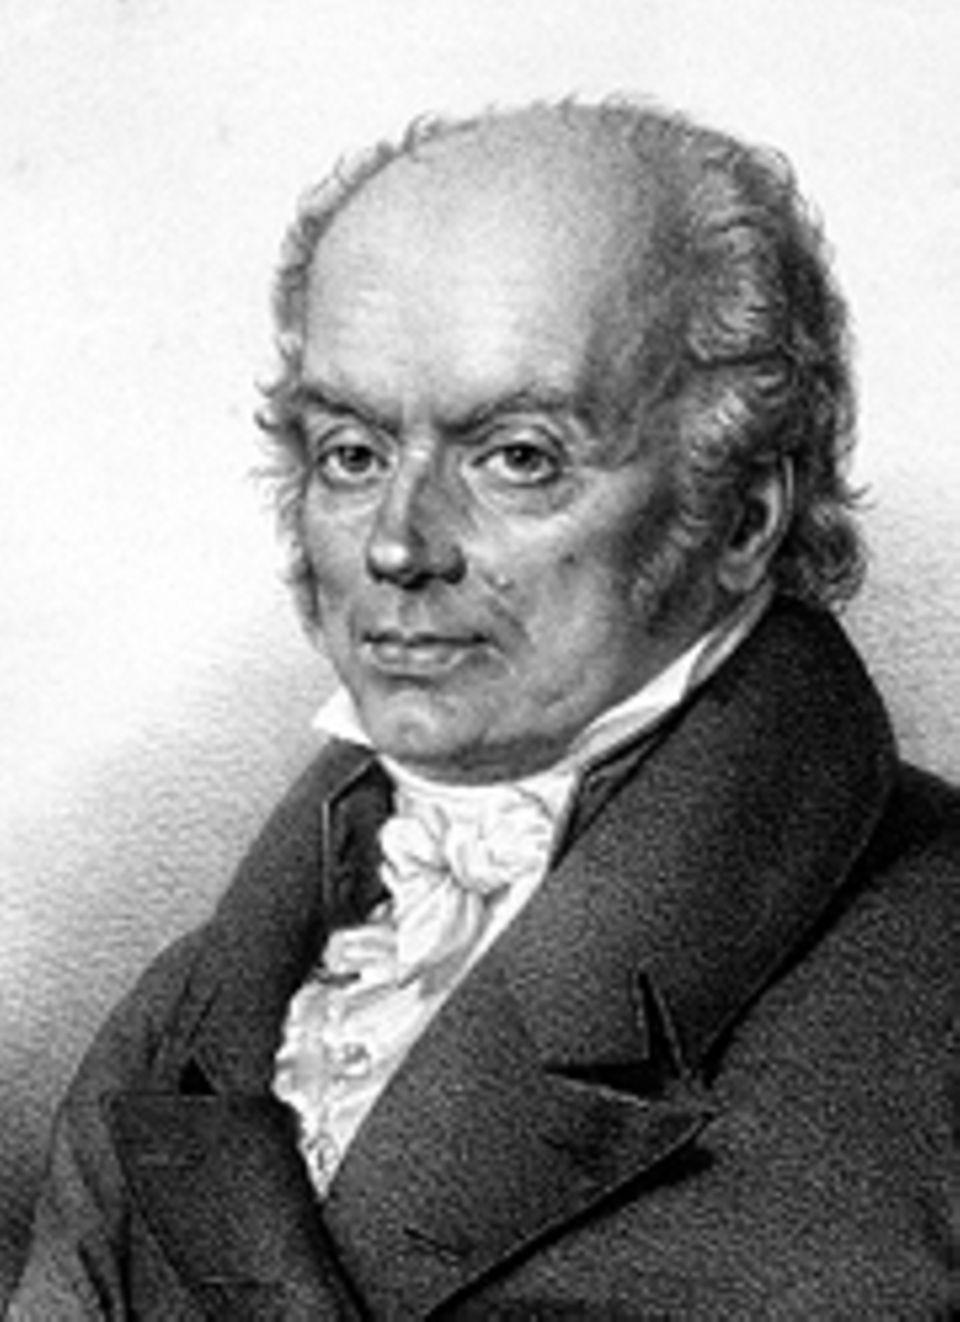 Das Gehirn: Franz Joseph Gall (1758–1828) untersucht als junger Arzt die Schädel von Verbrechern und Geisteskranken von Streitsuchenden und Friedfertigen. Und glaubt fortan, an den Schädelwölbungen eines Menschen dessen Intelligenz oder Triebhaftigkeit, Mordlust oder Anhänglichkeit erkennen können